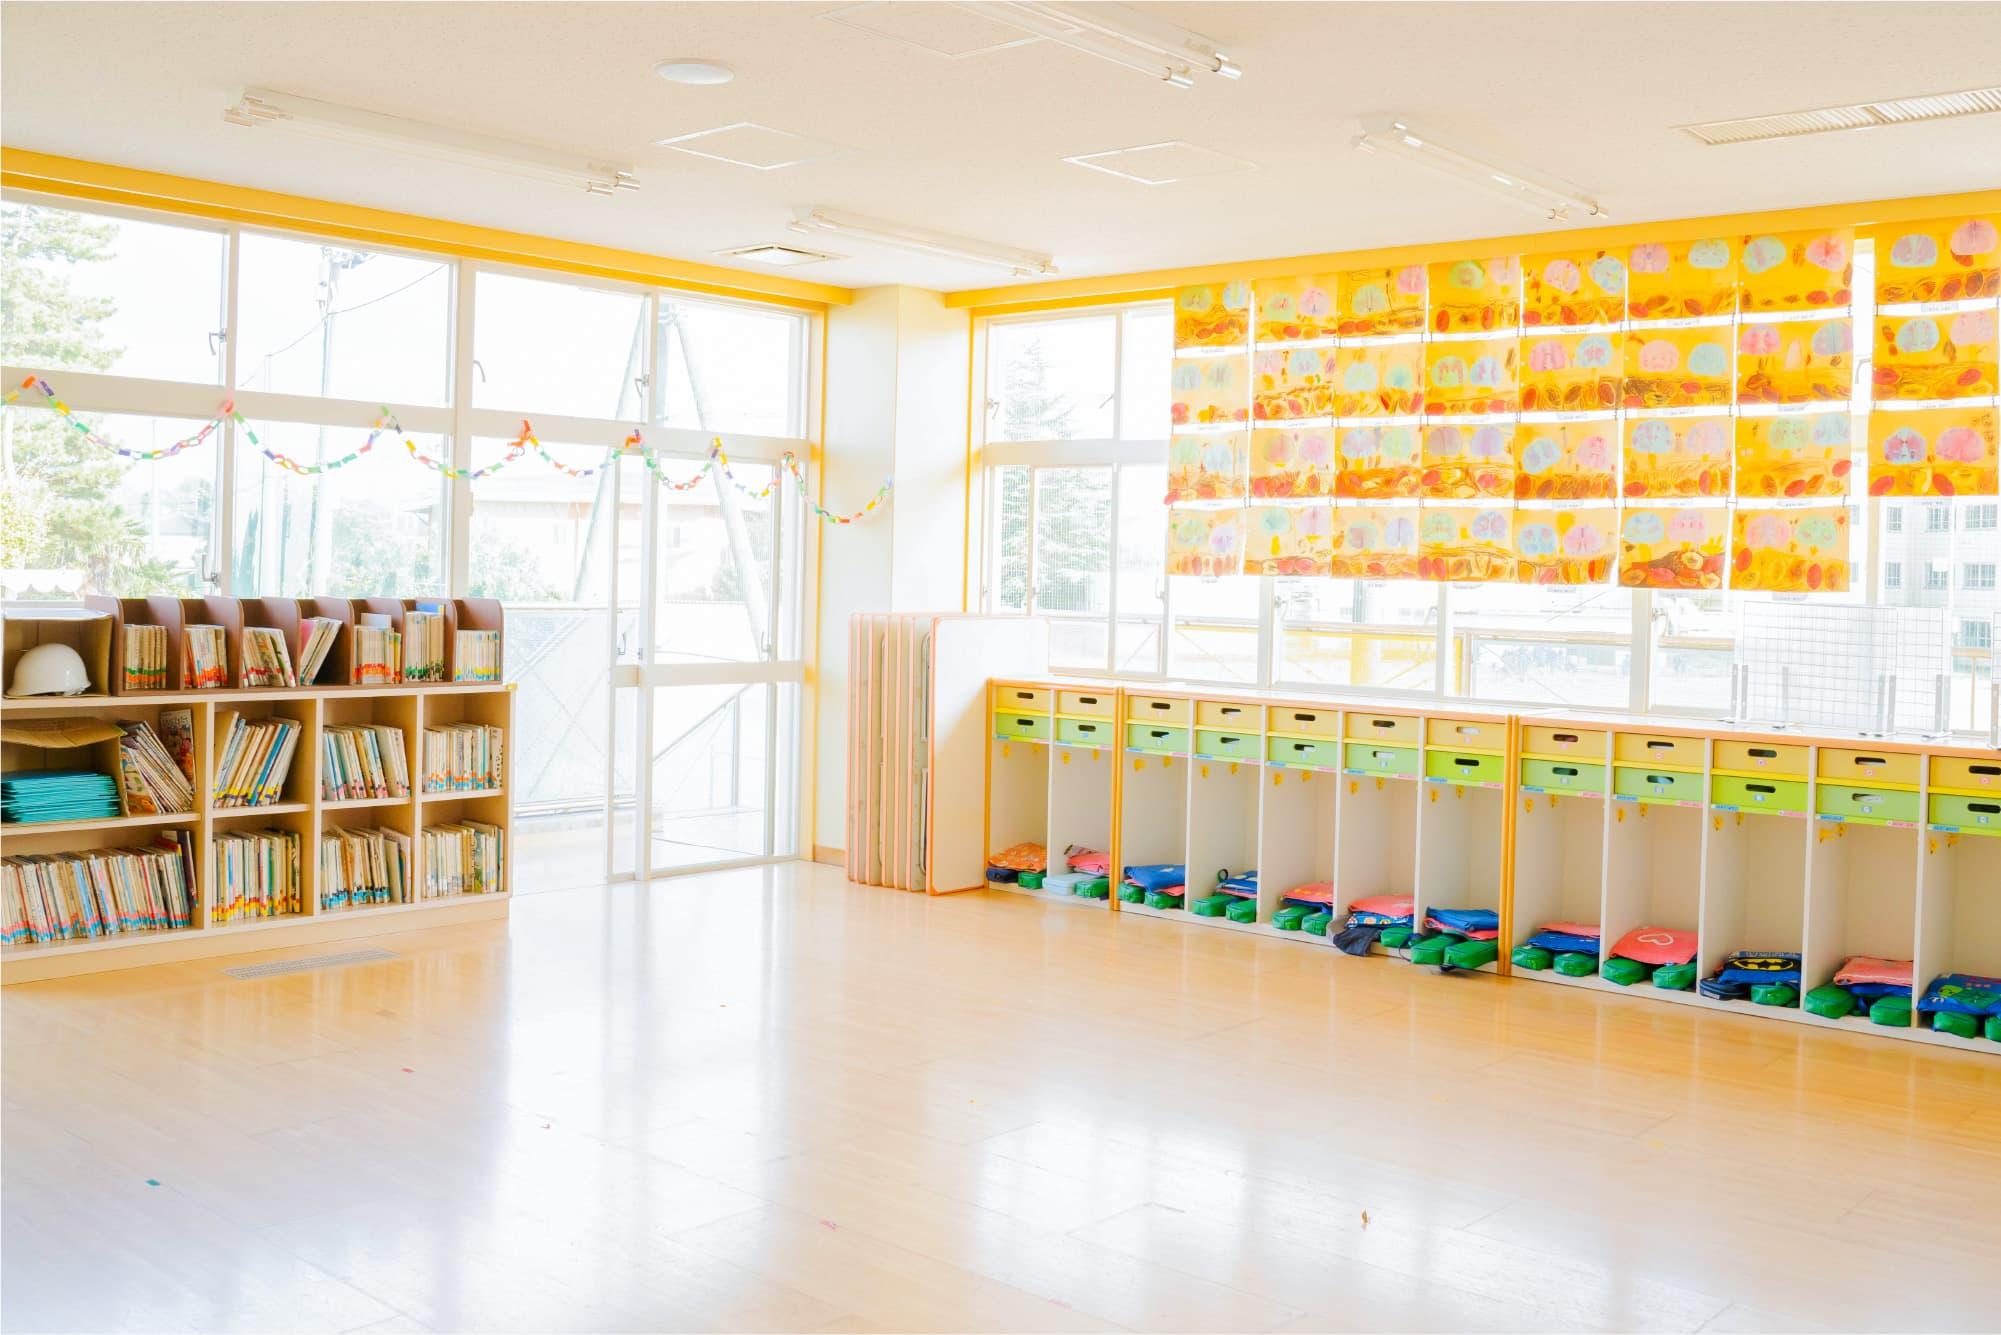 日当たりの良い教室(幼稚園)